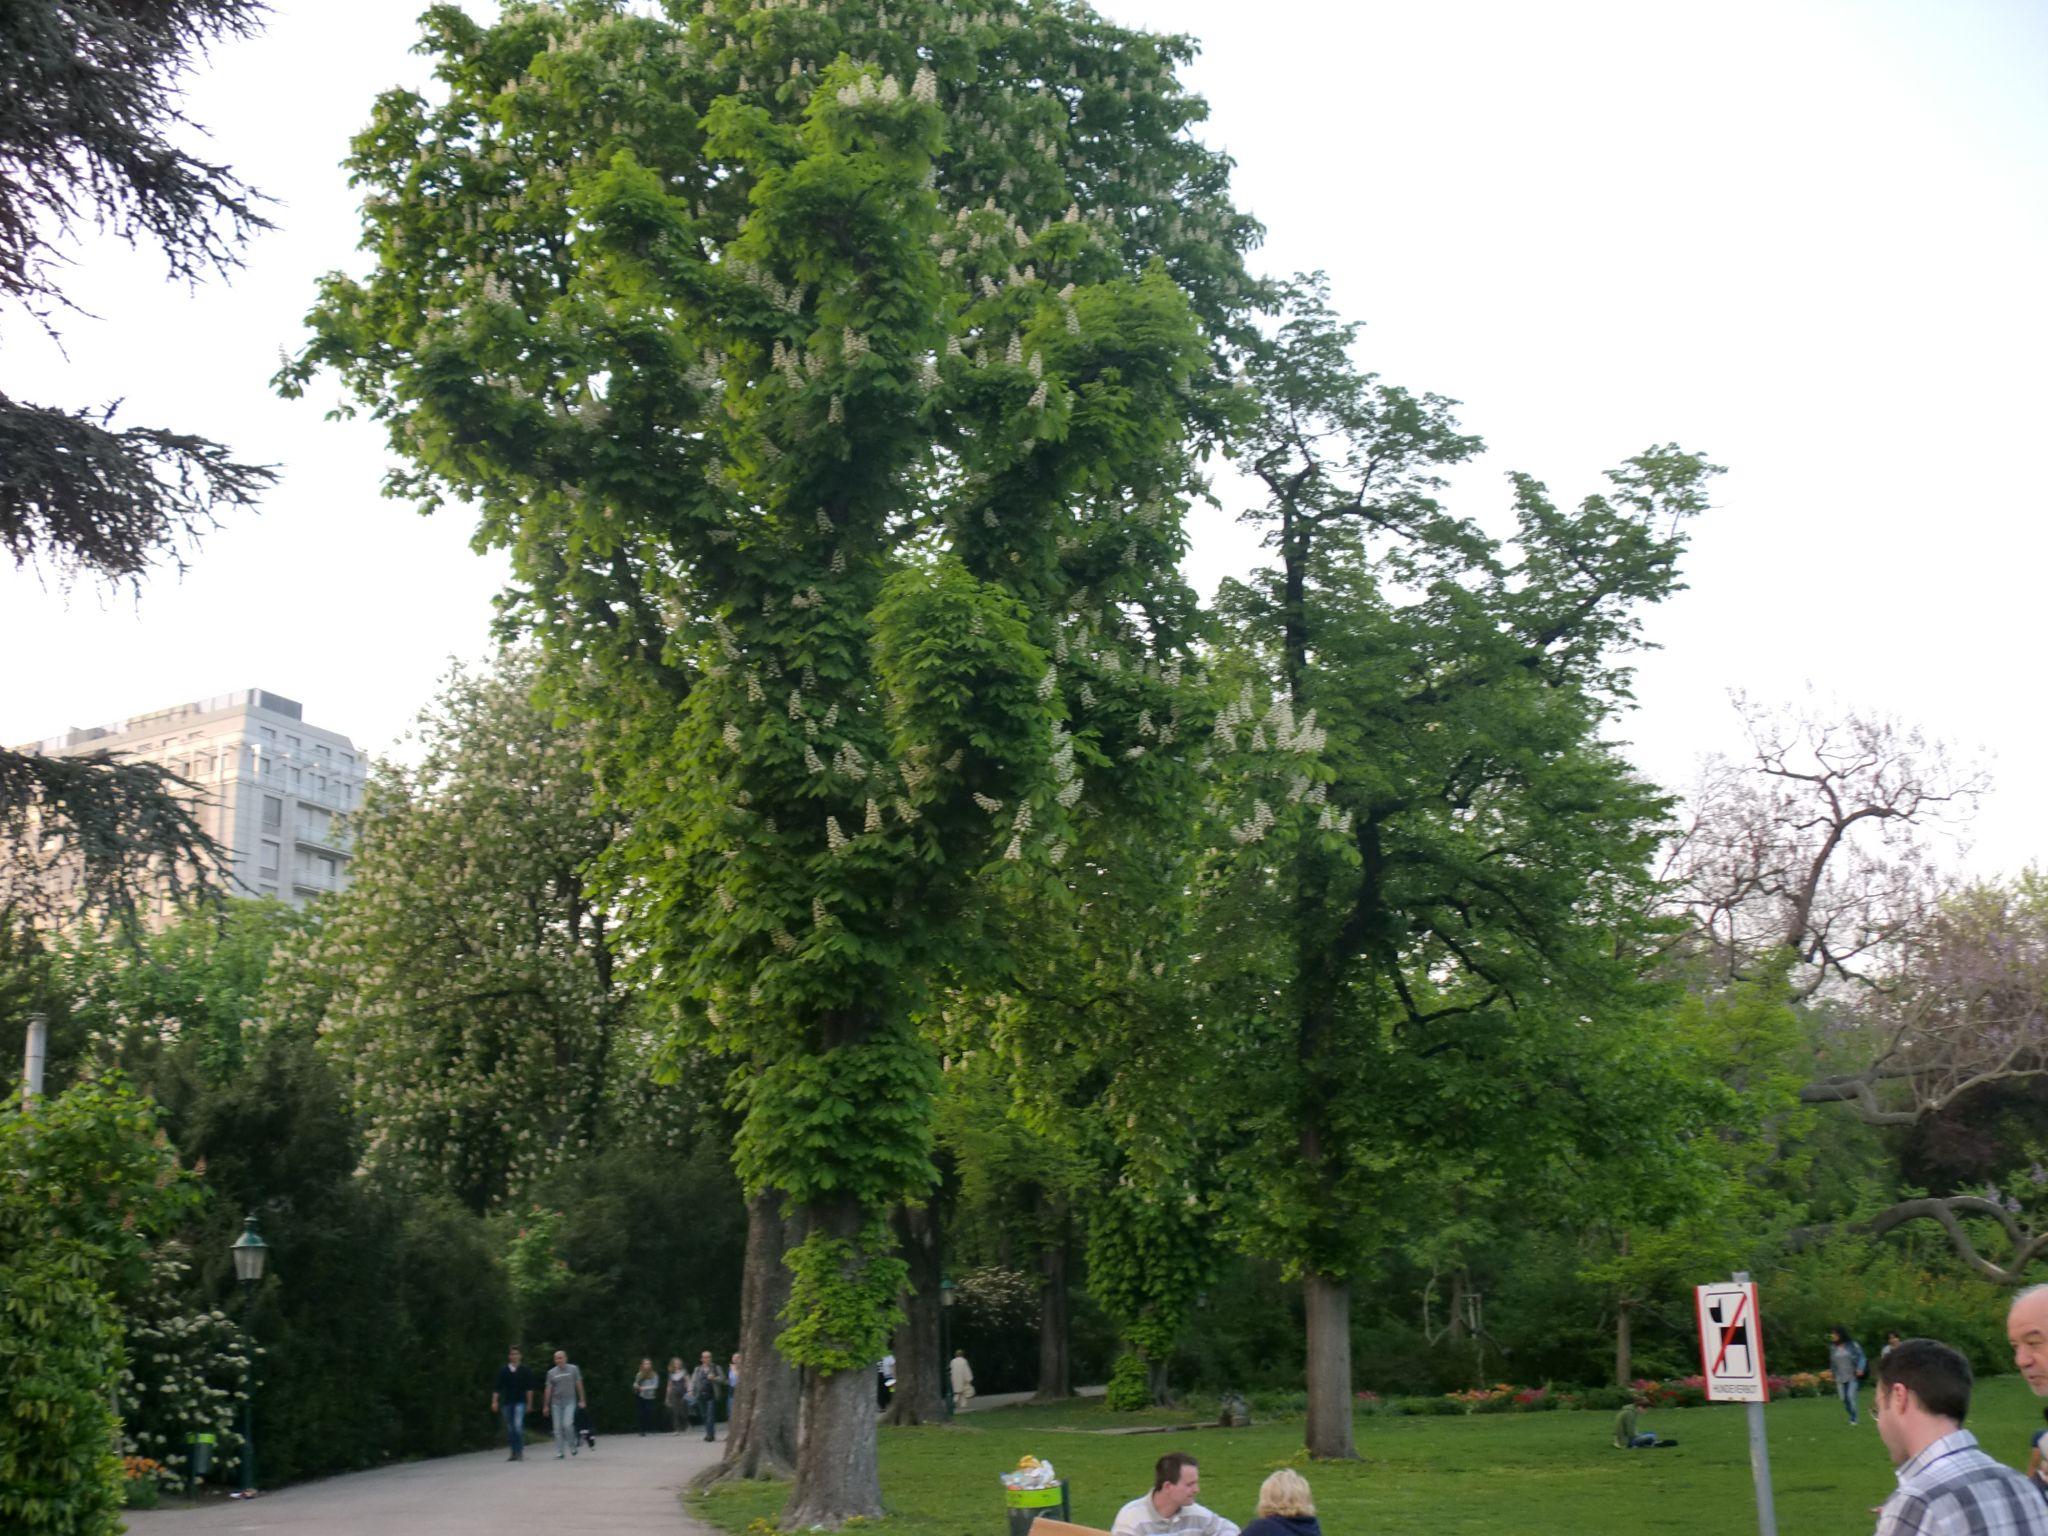 Vienna park 12 1440x1080 - Vienna: elegant beauty